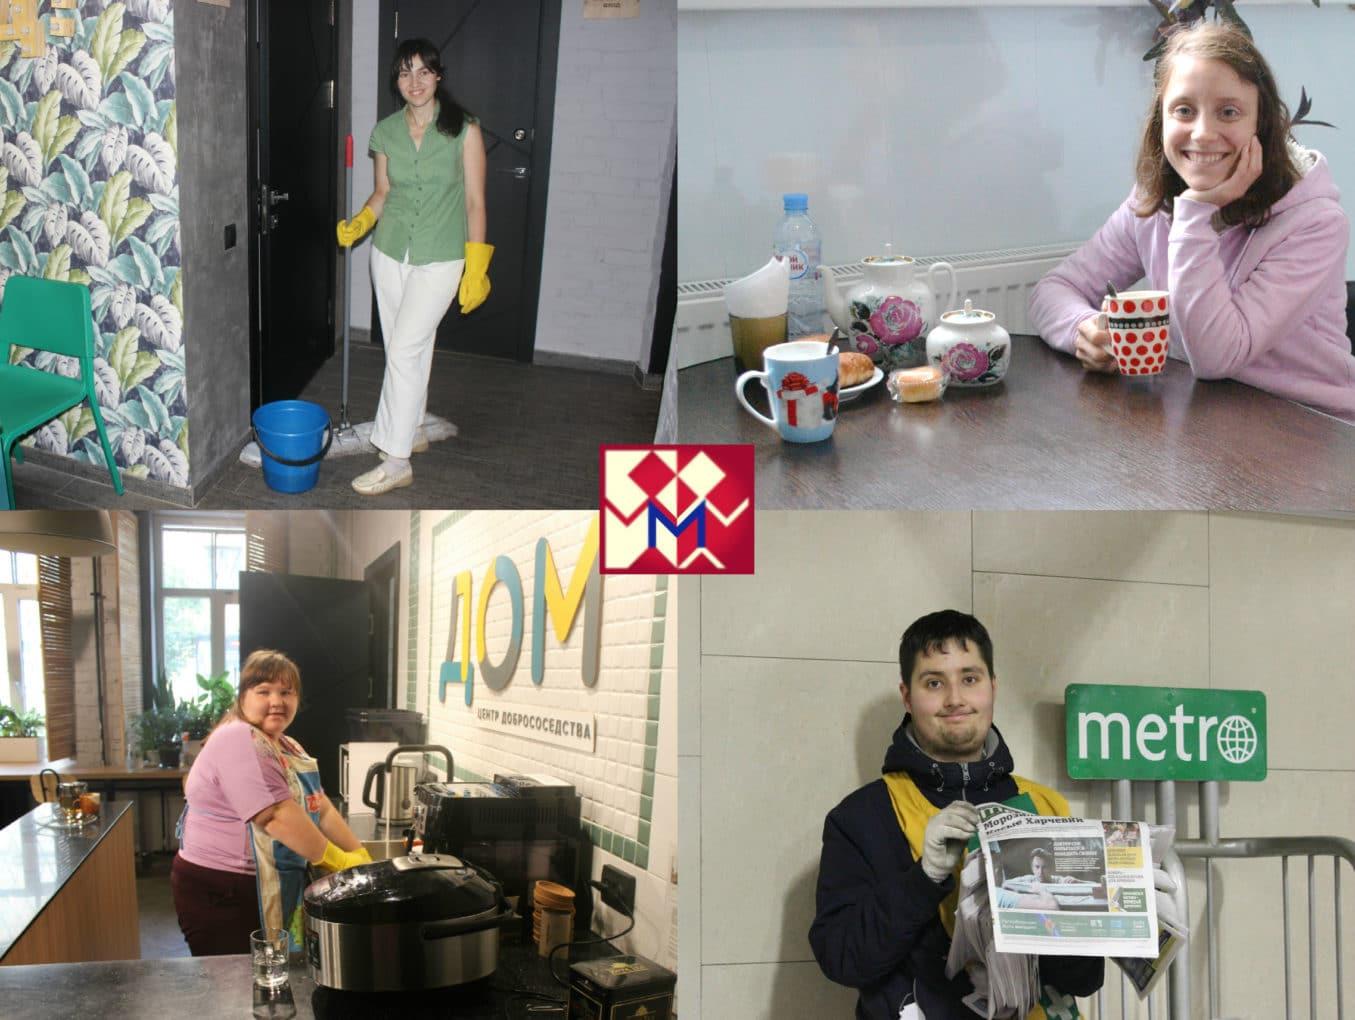 Сопровождаемое трудоустройство: Личные истории (часть 1)